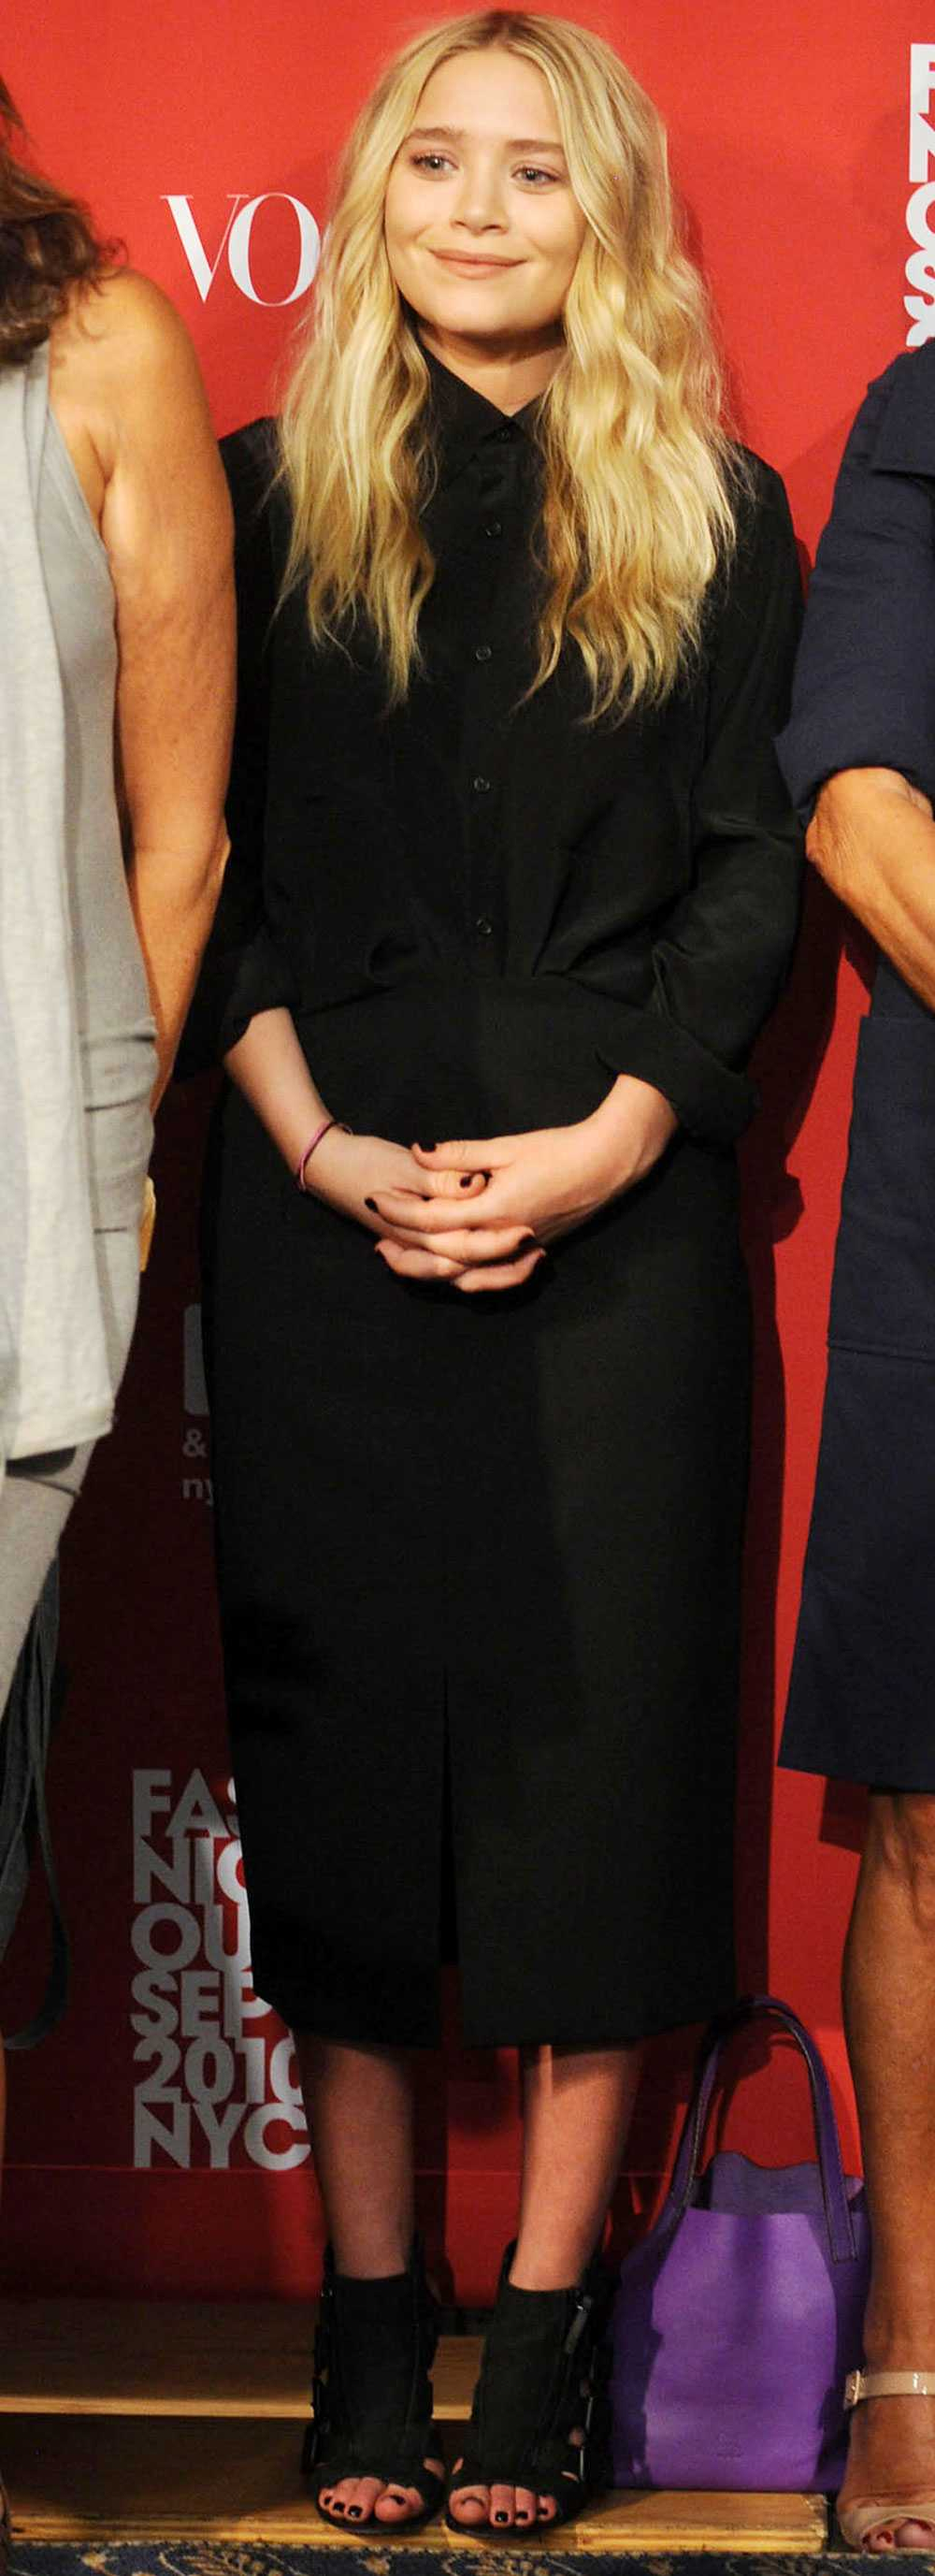 Mary-Kate Olsen döljde sina former i en lång, vid skjortliknande klänning.